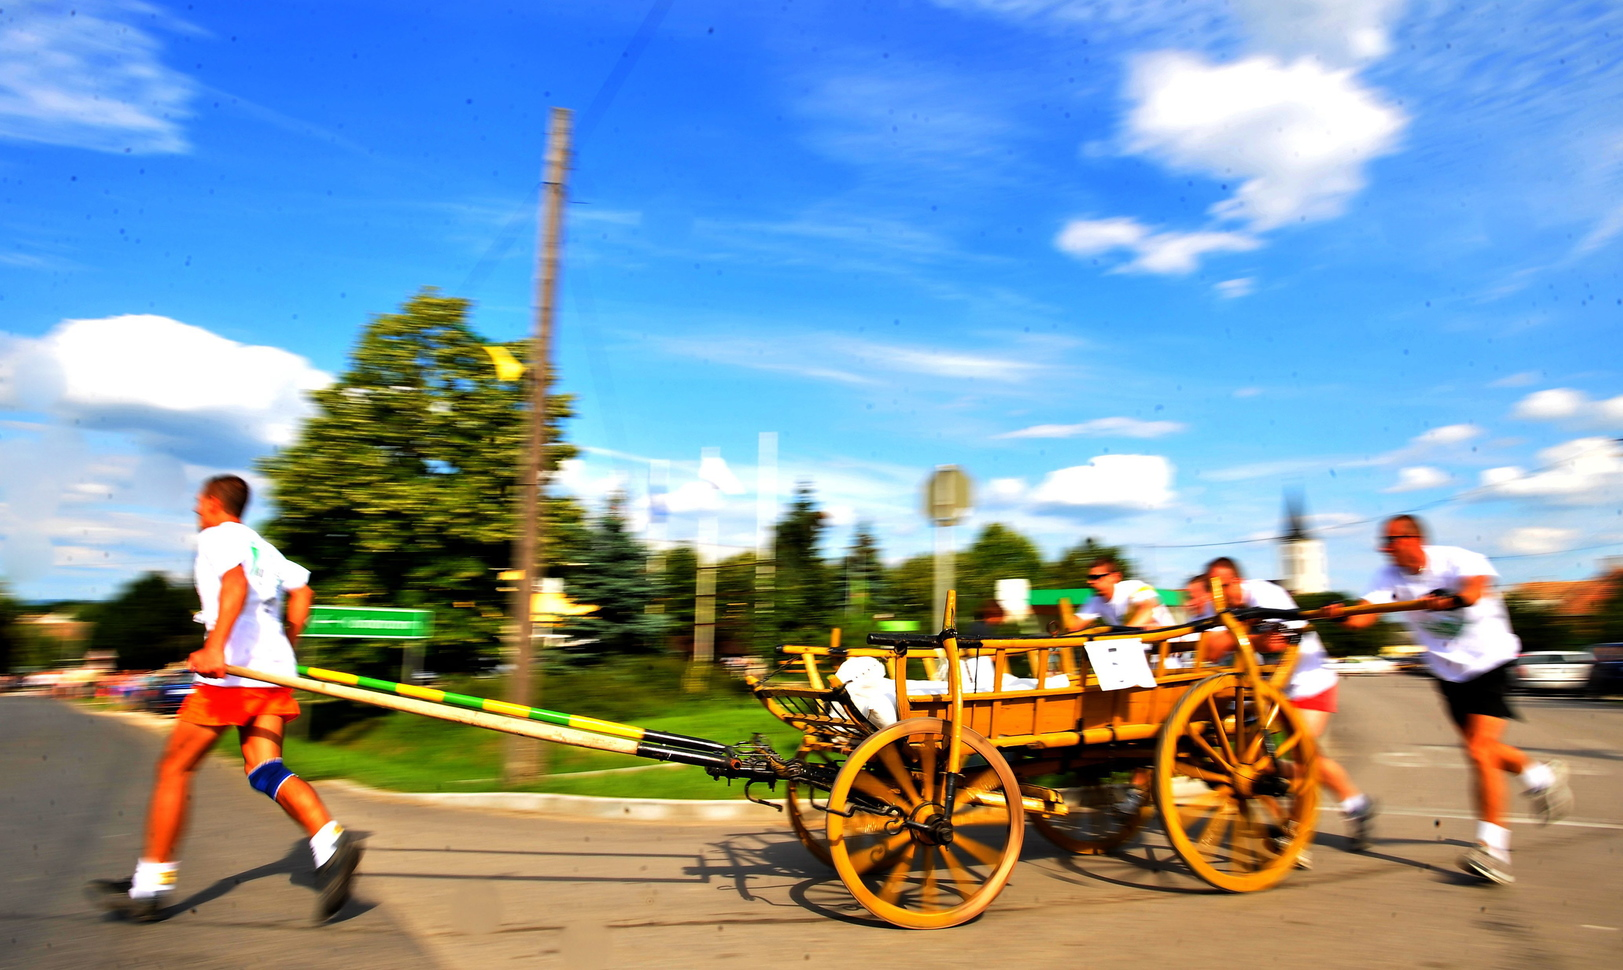 Kocs, 2009. július 12. A Tatai Ászok Gondűző csapata rohan a szekérrel a 11. kocsitoló versenyen Kocson. A hagyományos viadalra nevezett 20 férfi és két női csapatnak a falu dimbes-dombos főutcáján, 1800 méter hosszú távon időre kell végigtolnia egy 380 kilós szekeret. A Komárom-Esztergom megyei községben, annak emlékére rendezik meg a versenyt, hogy annak emlékére, hogy a gyors és könnyű szekeret a feljegyzések szerint a település kisiparosai fejlesztették ki az 1200-as években. MTI Fotó: Illyés Tibor